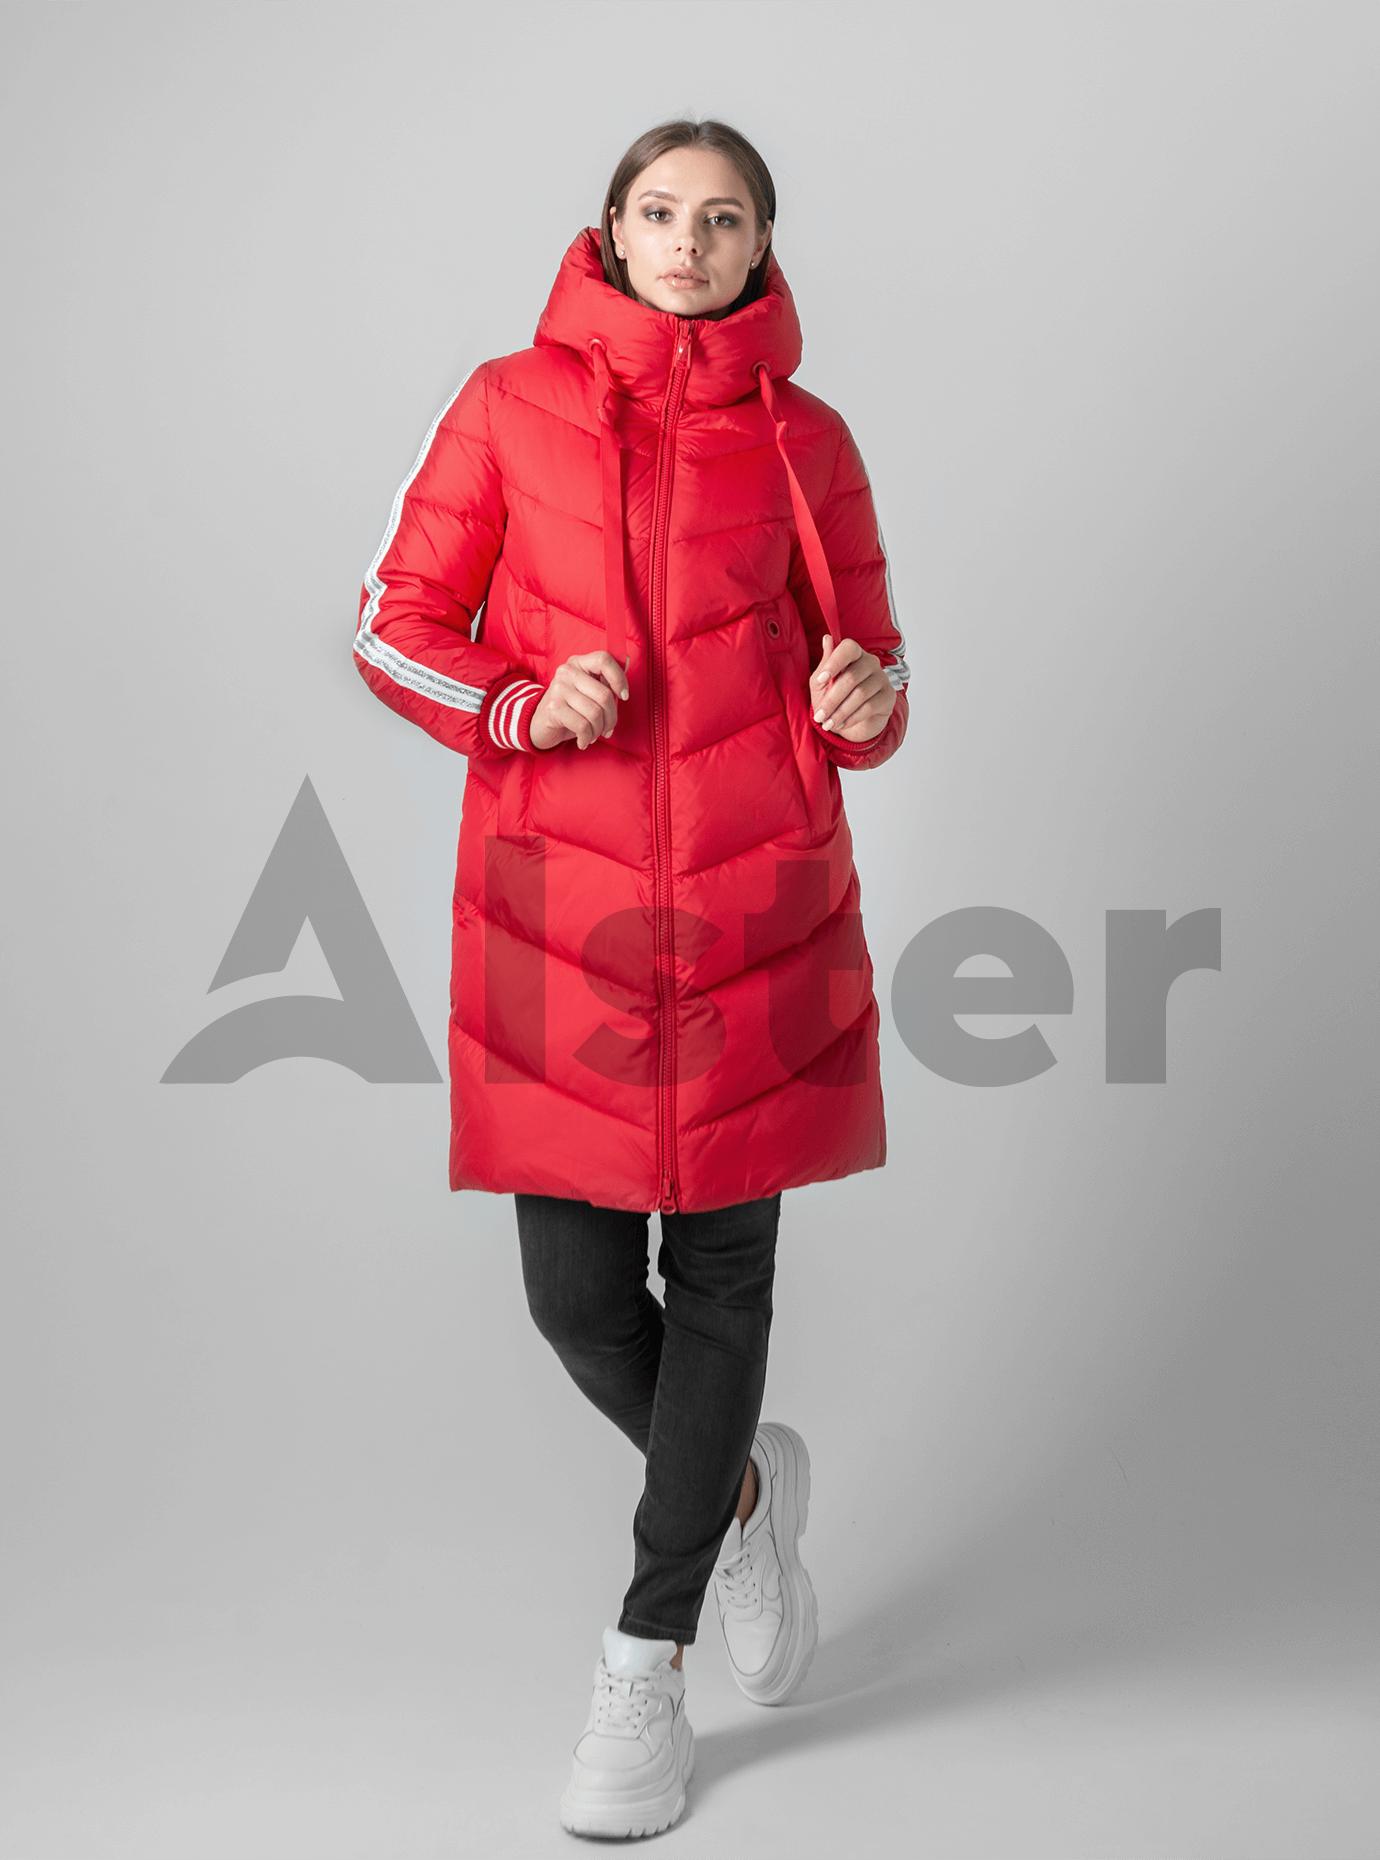 Пуховик женский с шарфом Красный 2XL (02-4599): фото - Alster.ua